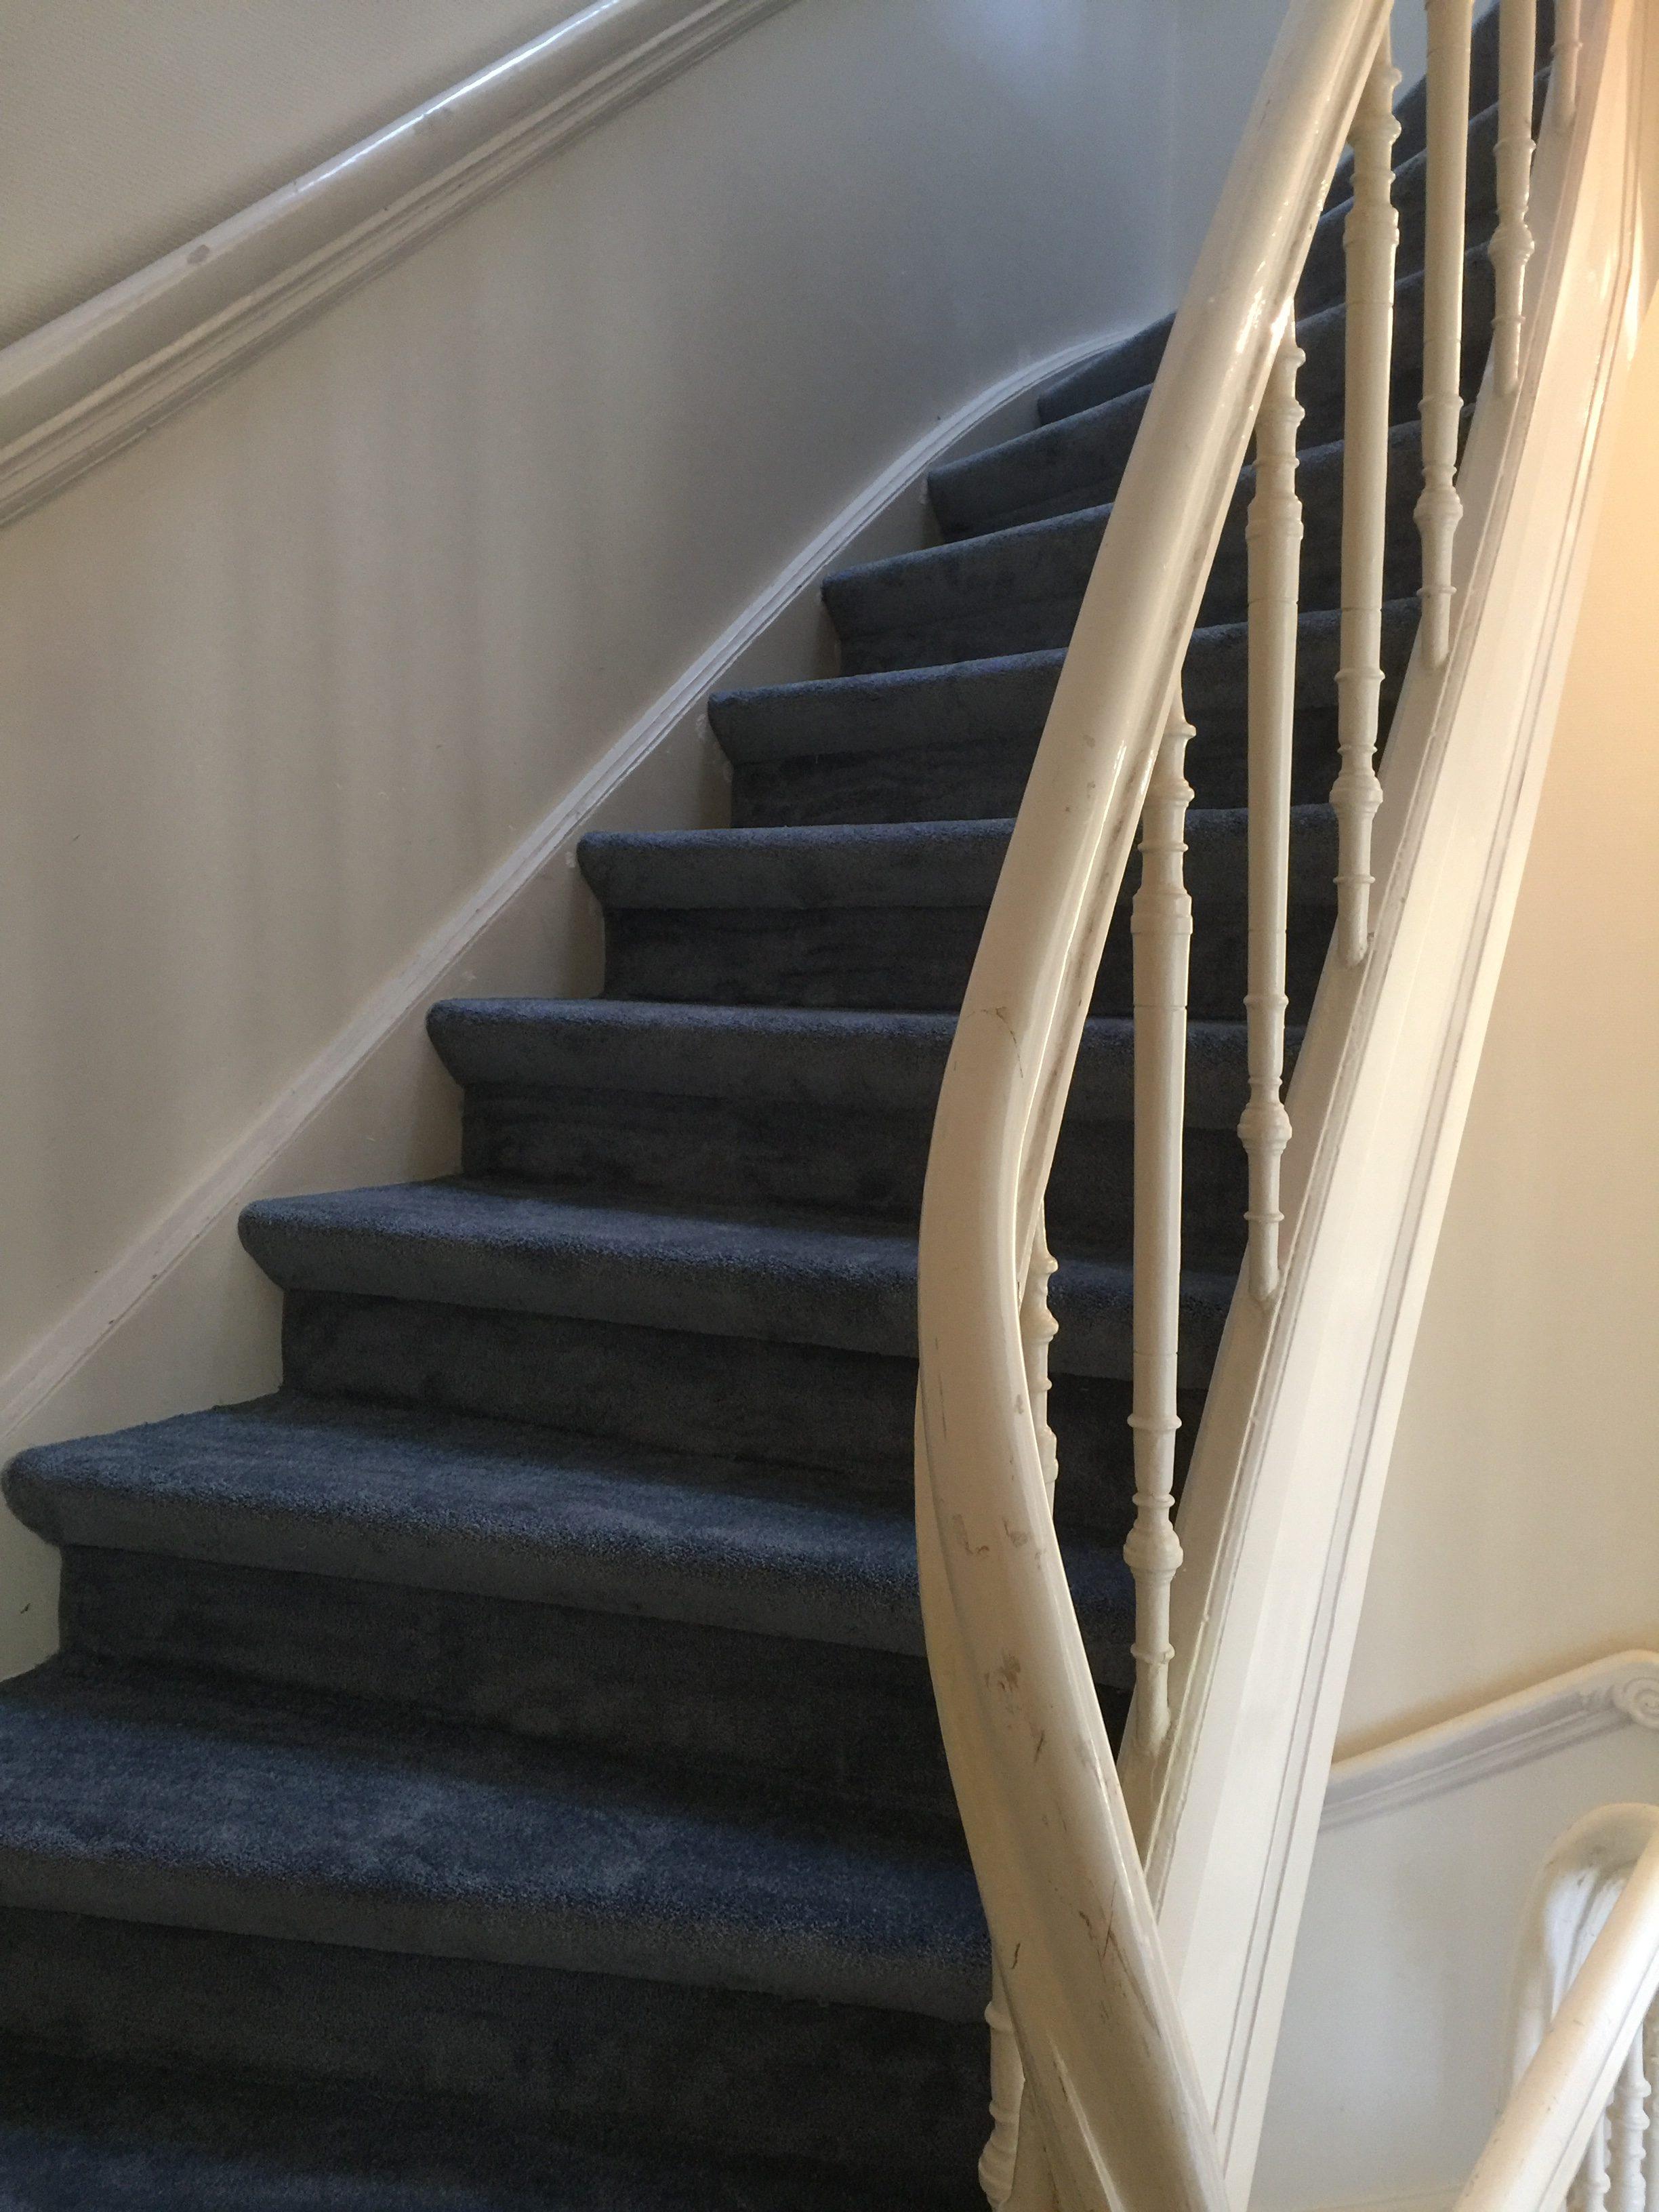 Nieuw Voordelig trappen bekleden – Vakkundig trap bekleden in regio ED-54